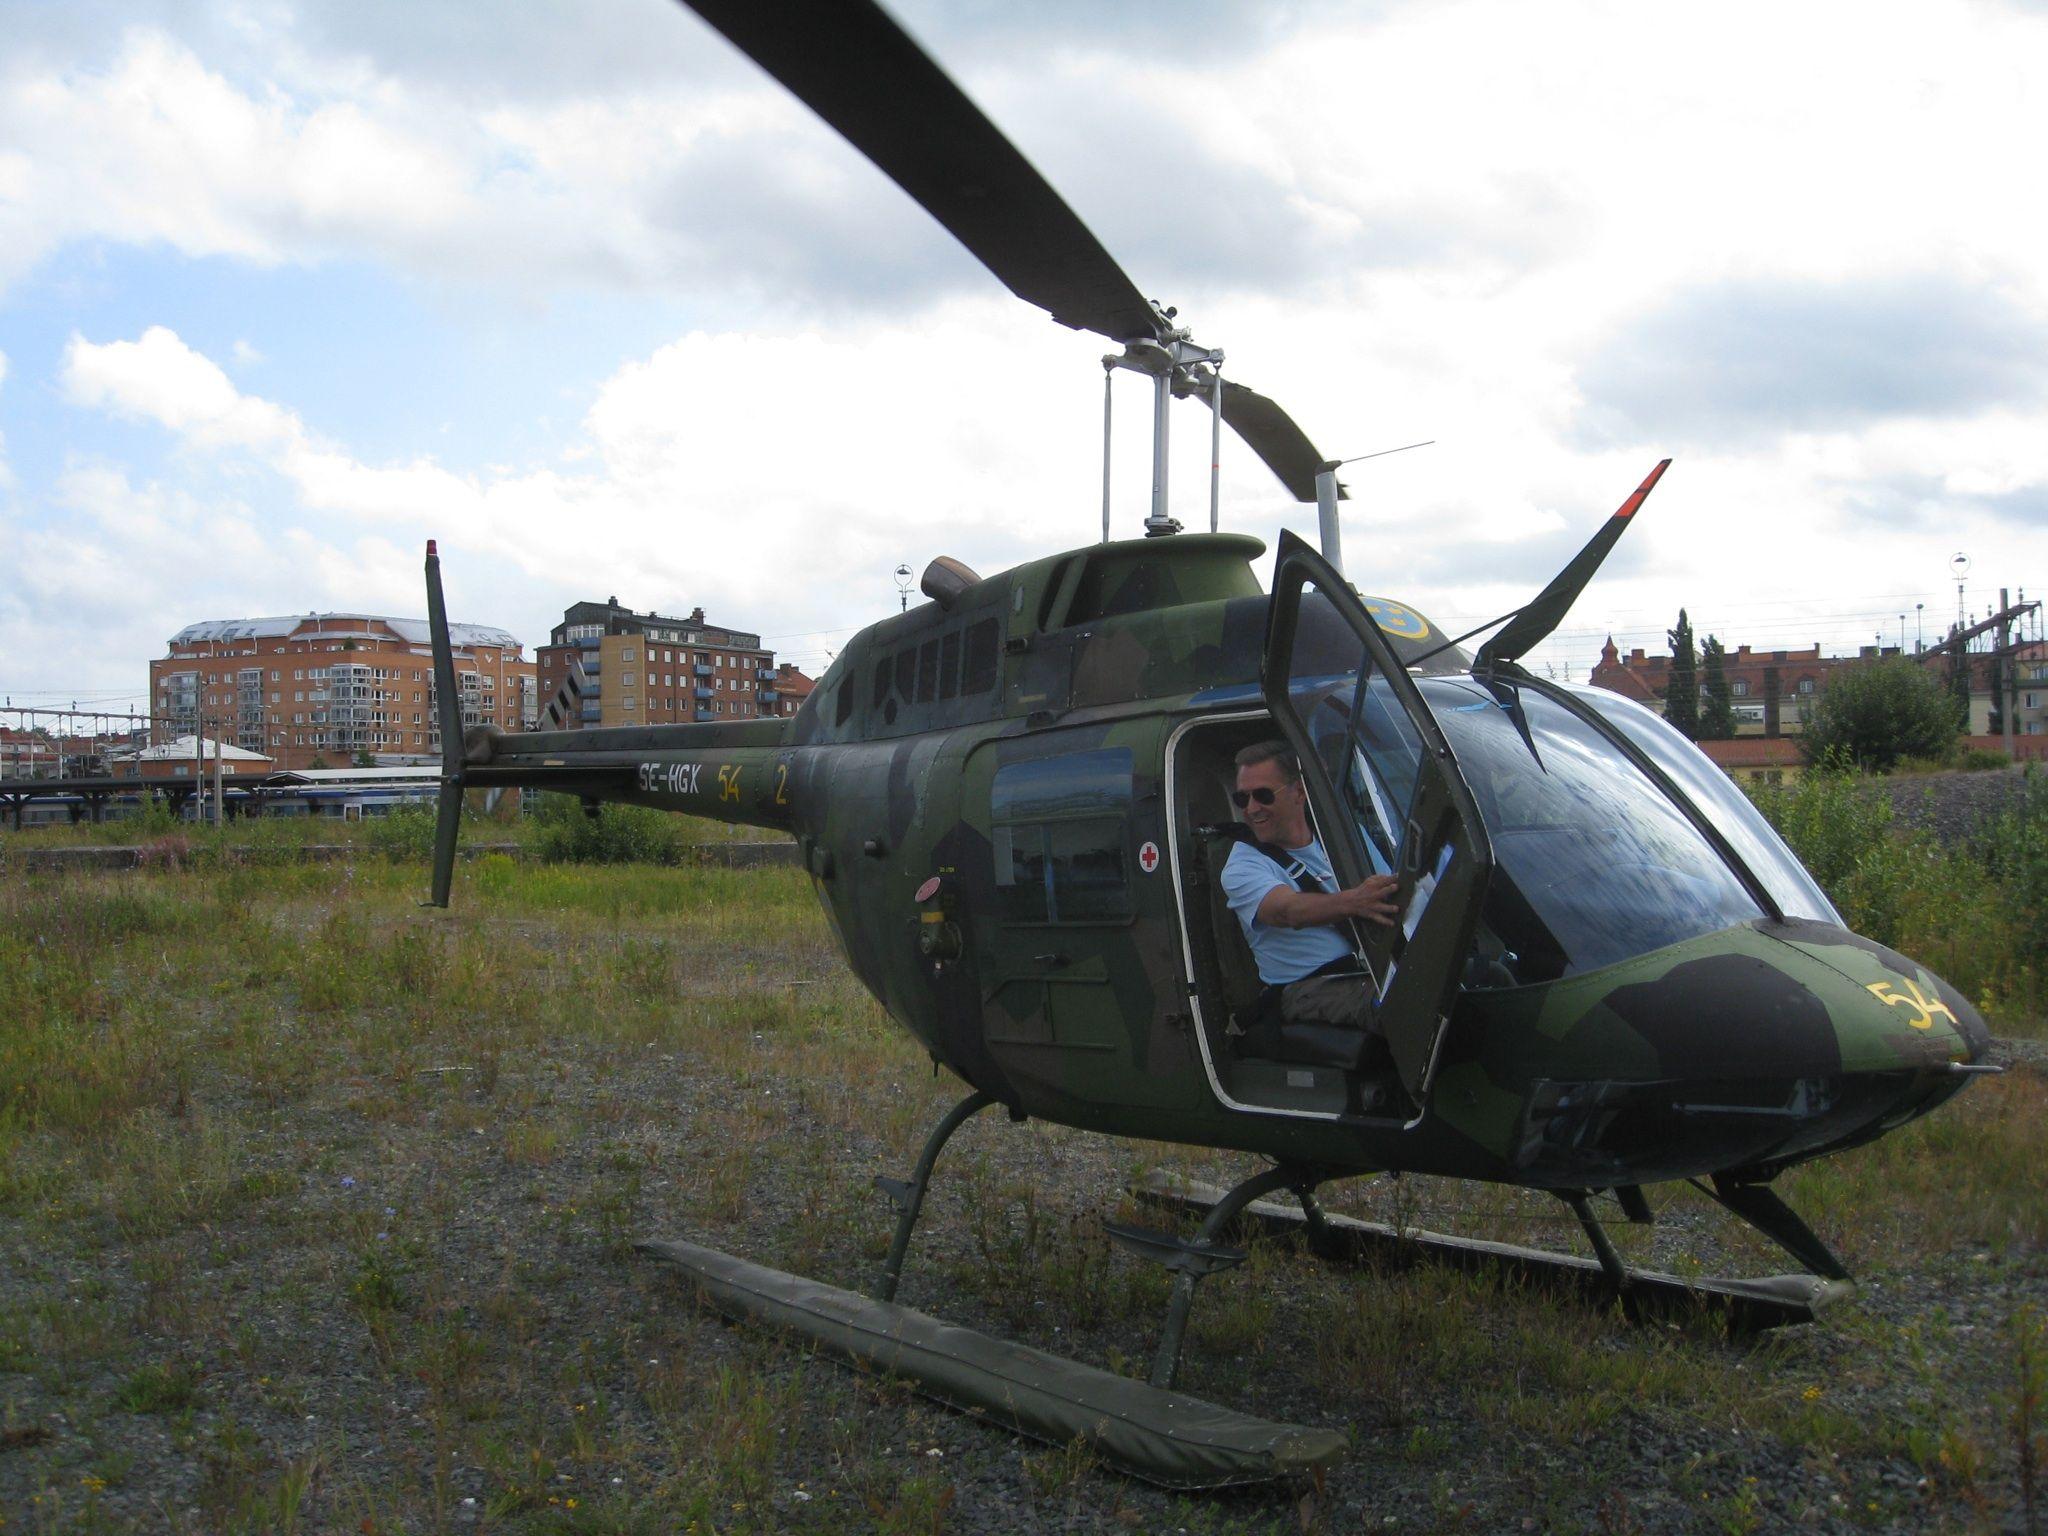 Jetranger 206 designated HKP 6 owner Swedish Air Force Museum ...